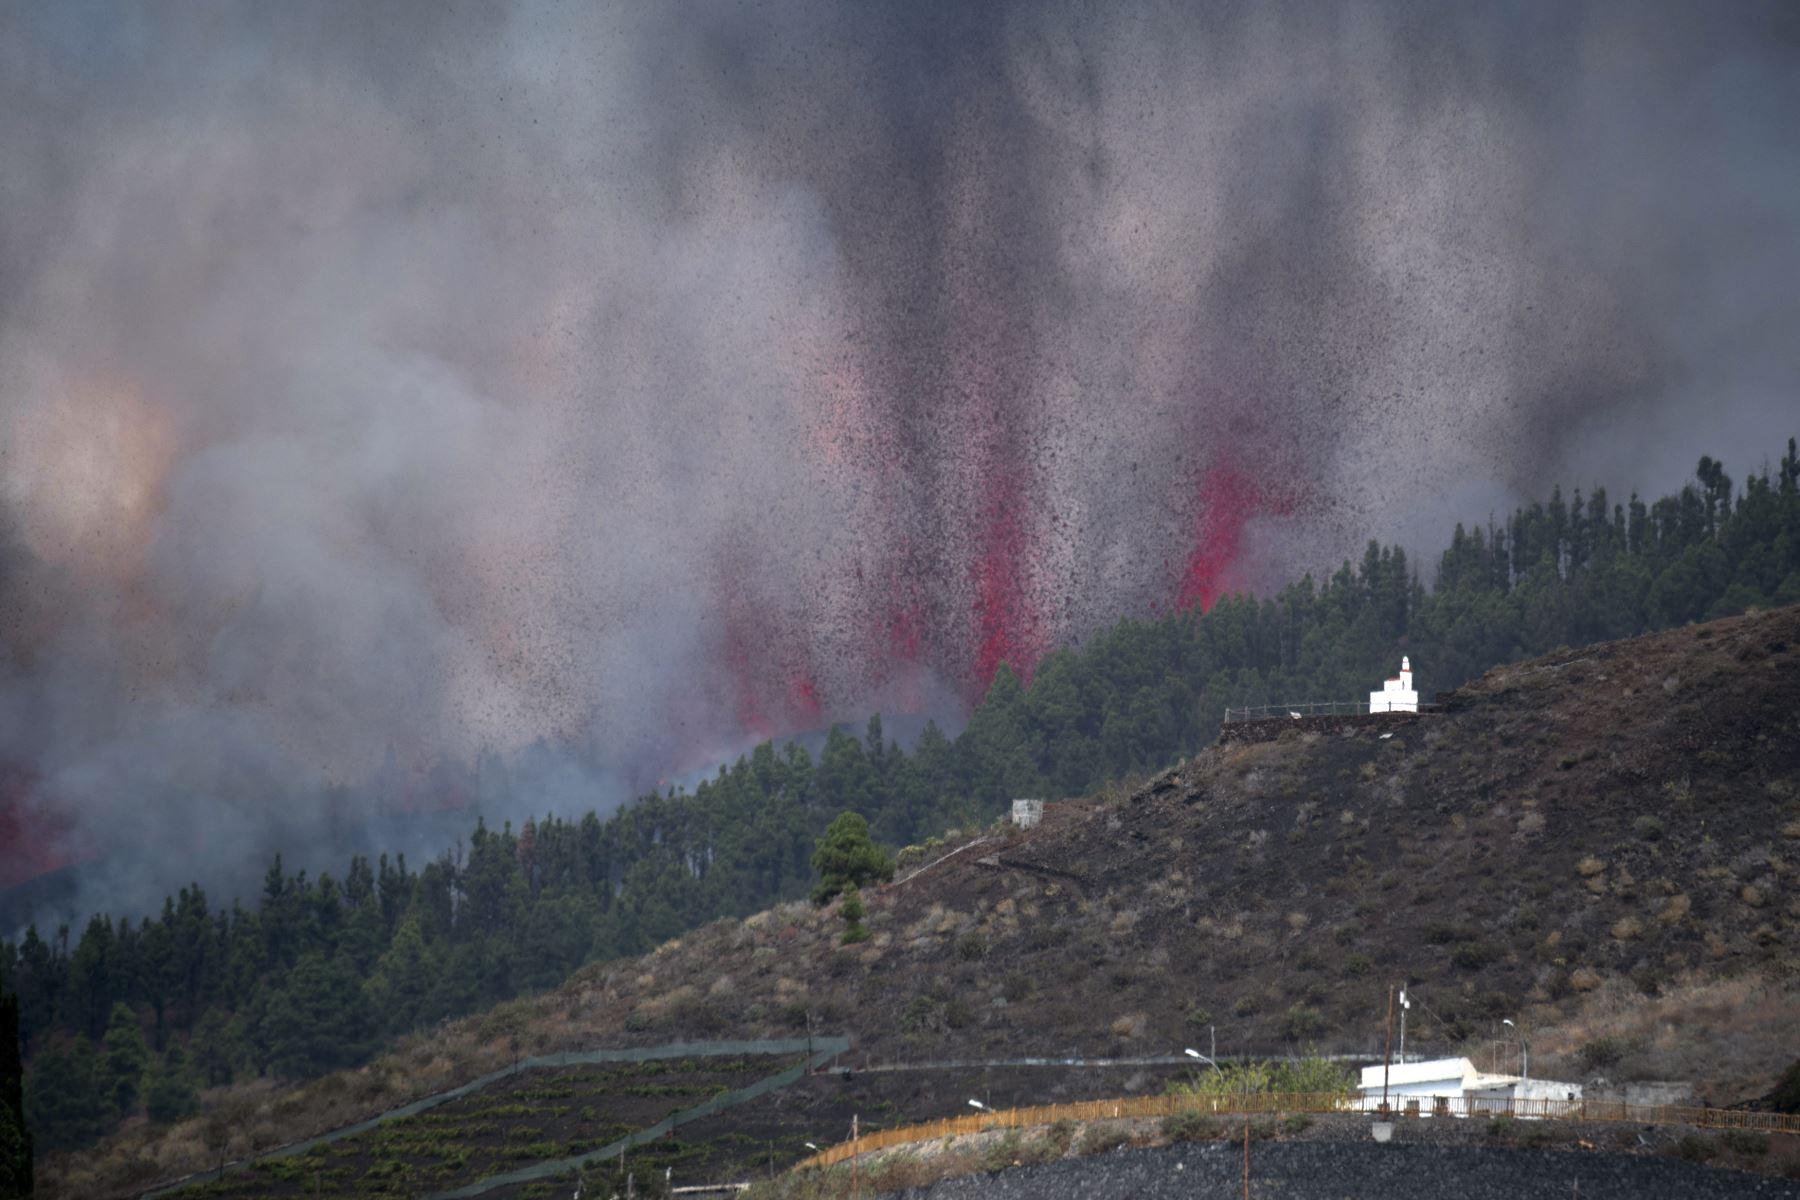 Luego de varios días de alerta por la actividad sísmica en el archipiélago, el volcán Cumbre Vieja de la isla canaria de La Palma, en España, entró en erupción este domingo. Foto: AFP